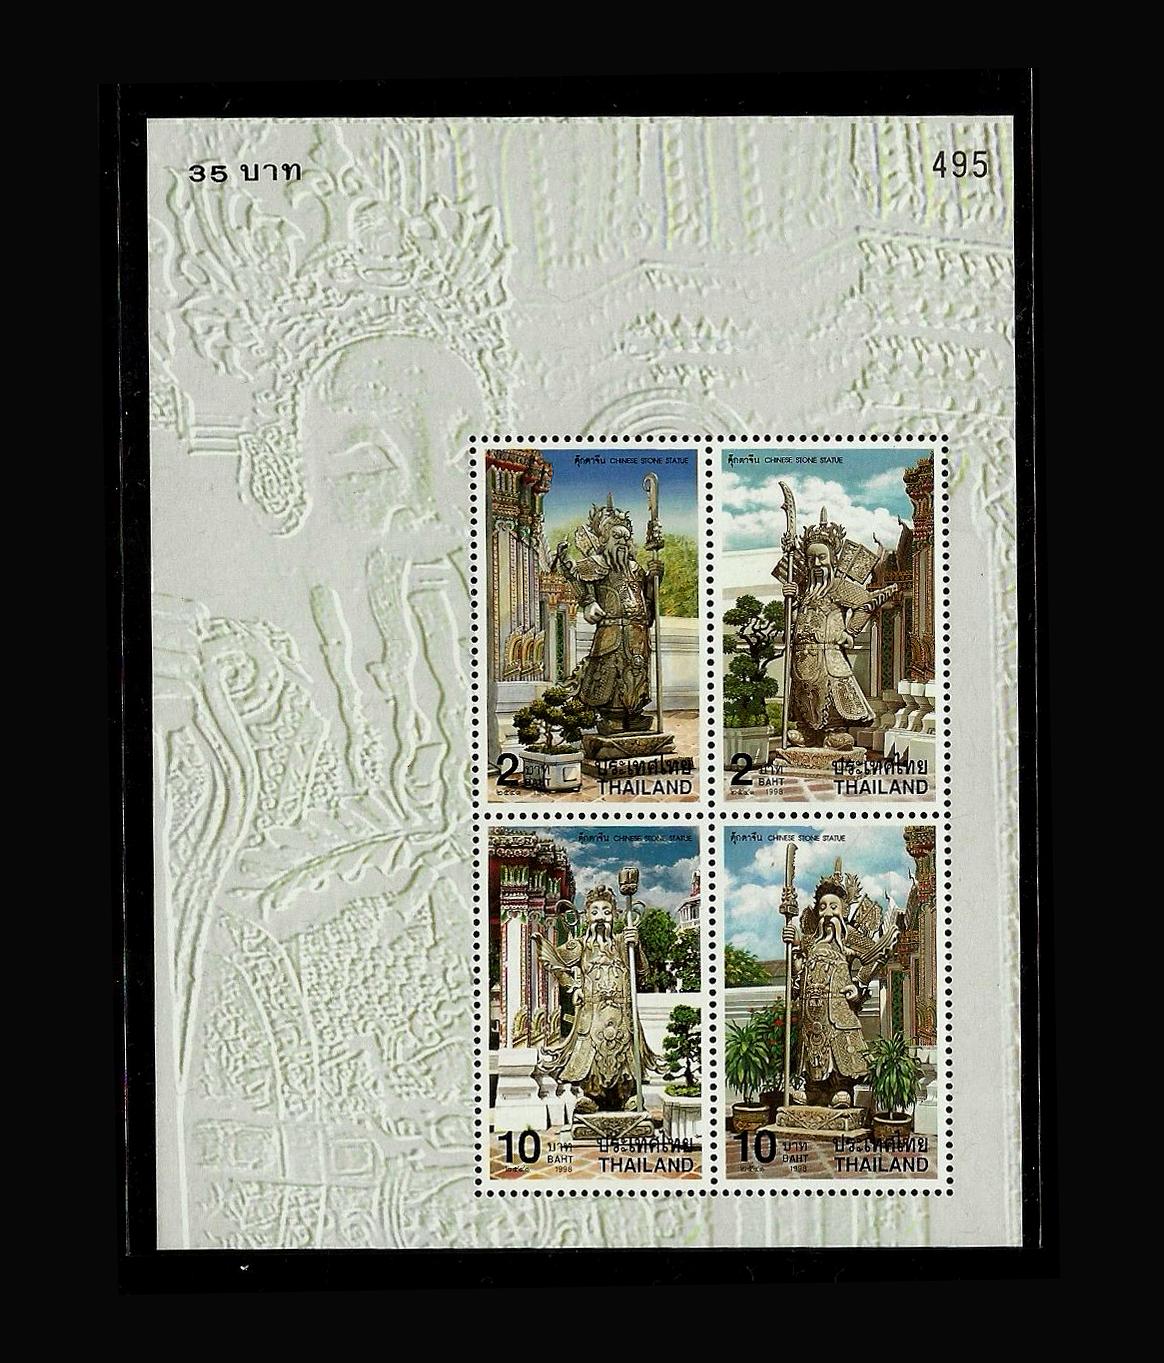 แผ่นชีทแสตมป์ชุด ตุ๊กตาจีน Chinese Stone Statue ปี 2541 (ยังไม่ใช้)